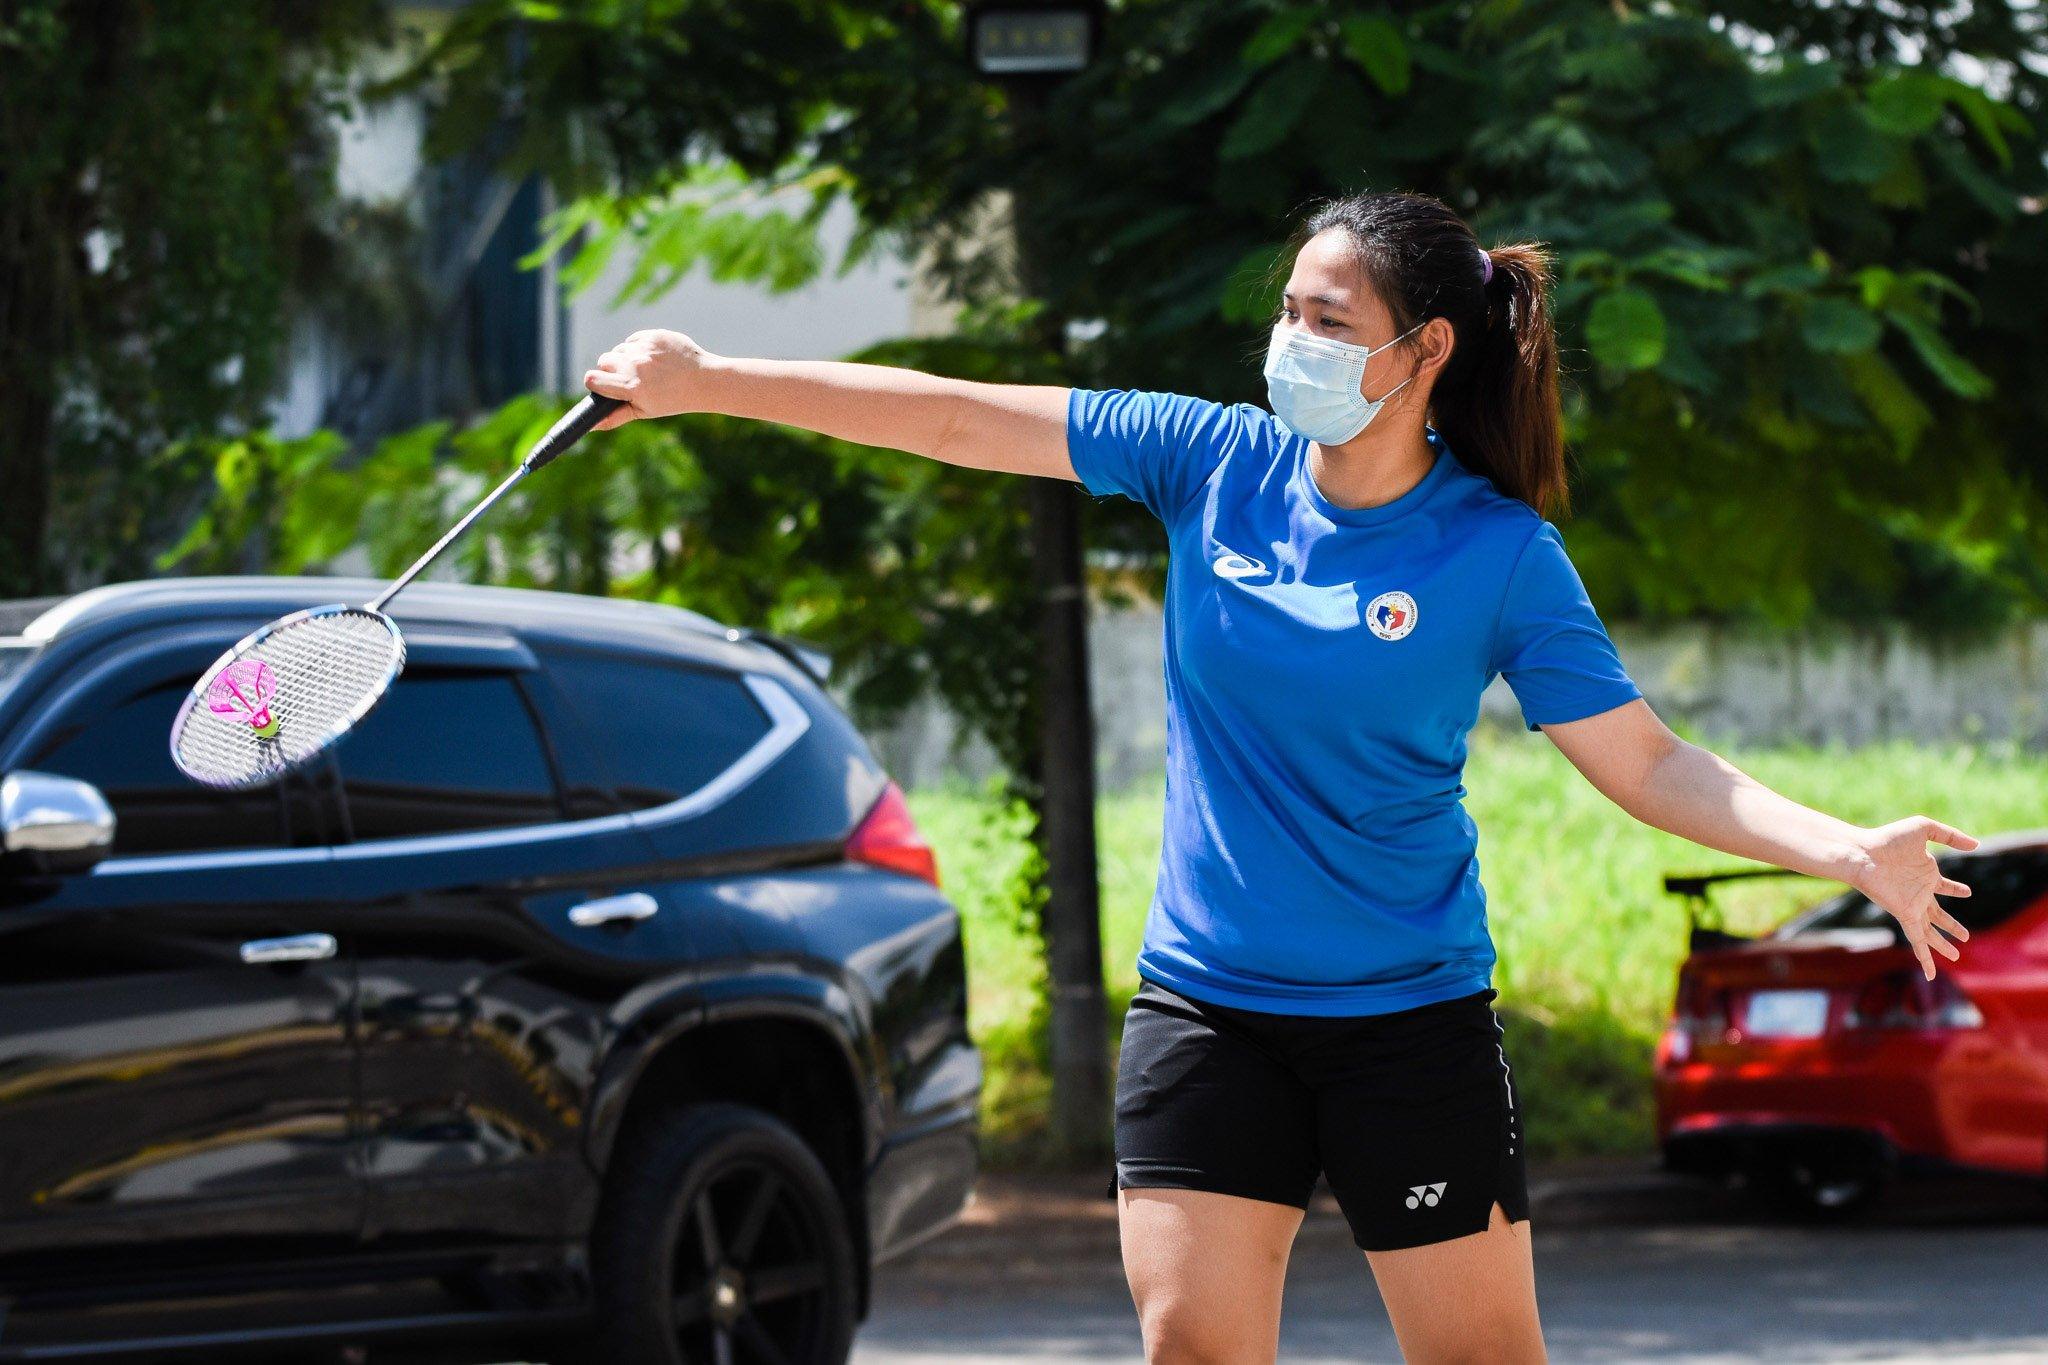 Airbadminton-Sarah-Barredo-2 Smash Pilipinas' Pedrosa, Barredo try airbadminton Air Badminton News  - philippine sports news